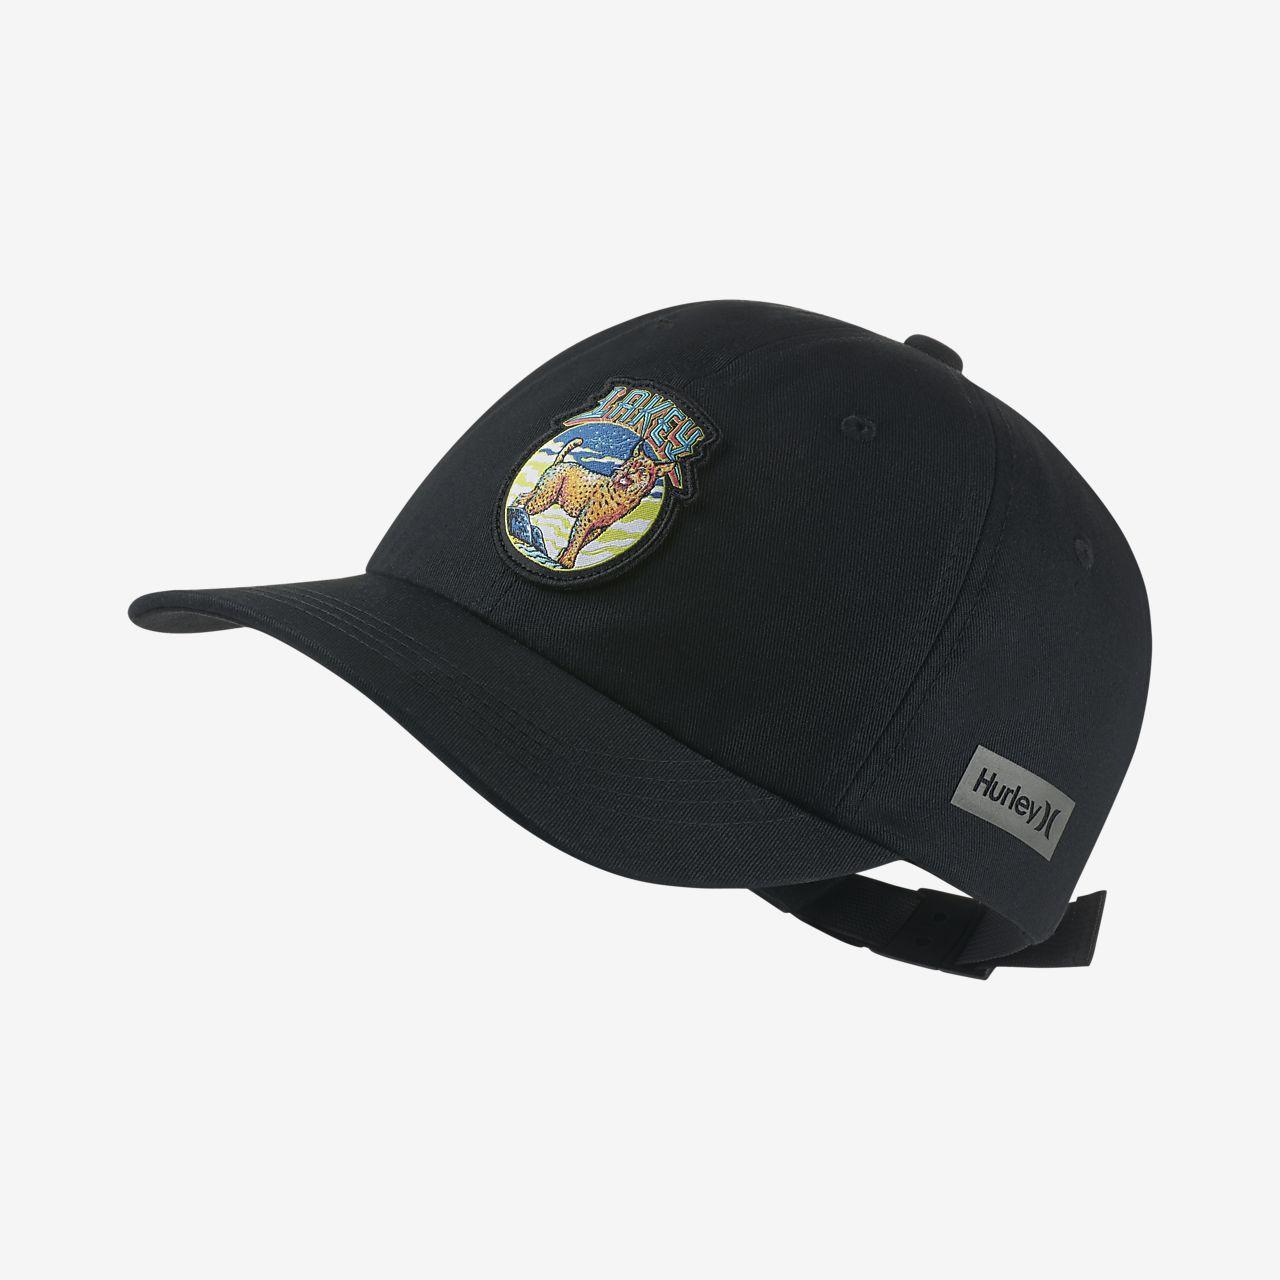 Hurley Team Peterson Damen-Cap. Nike.com BE 00b032ac7e9